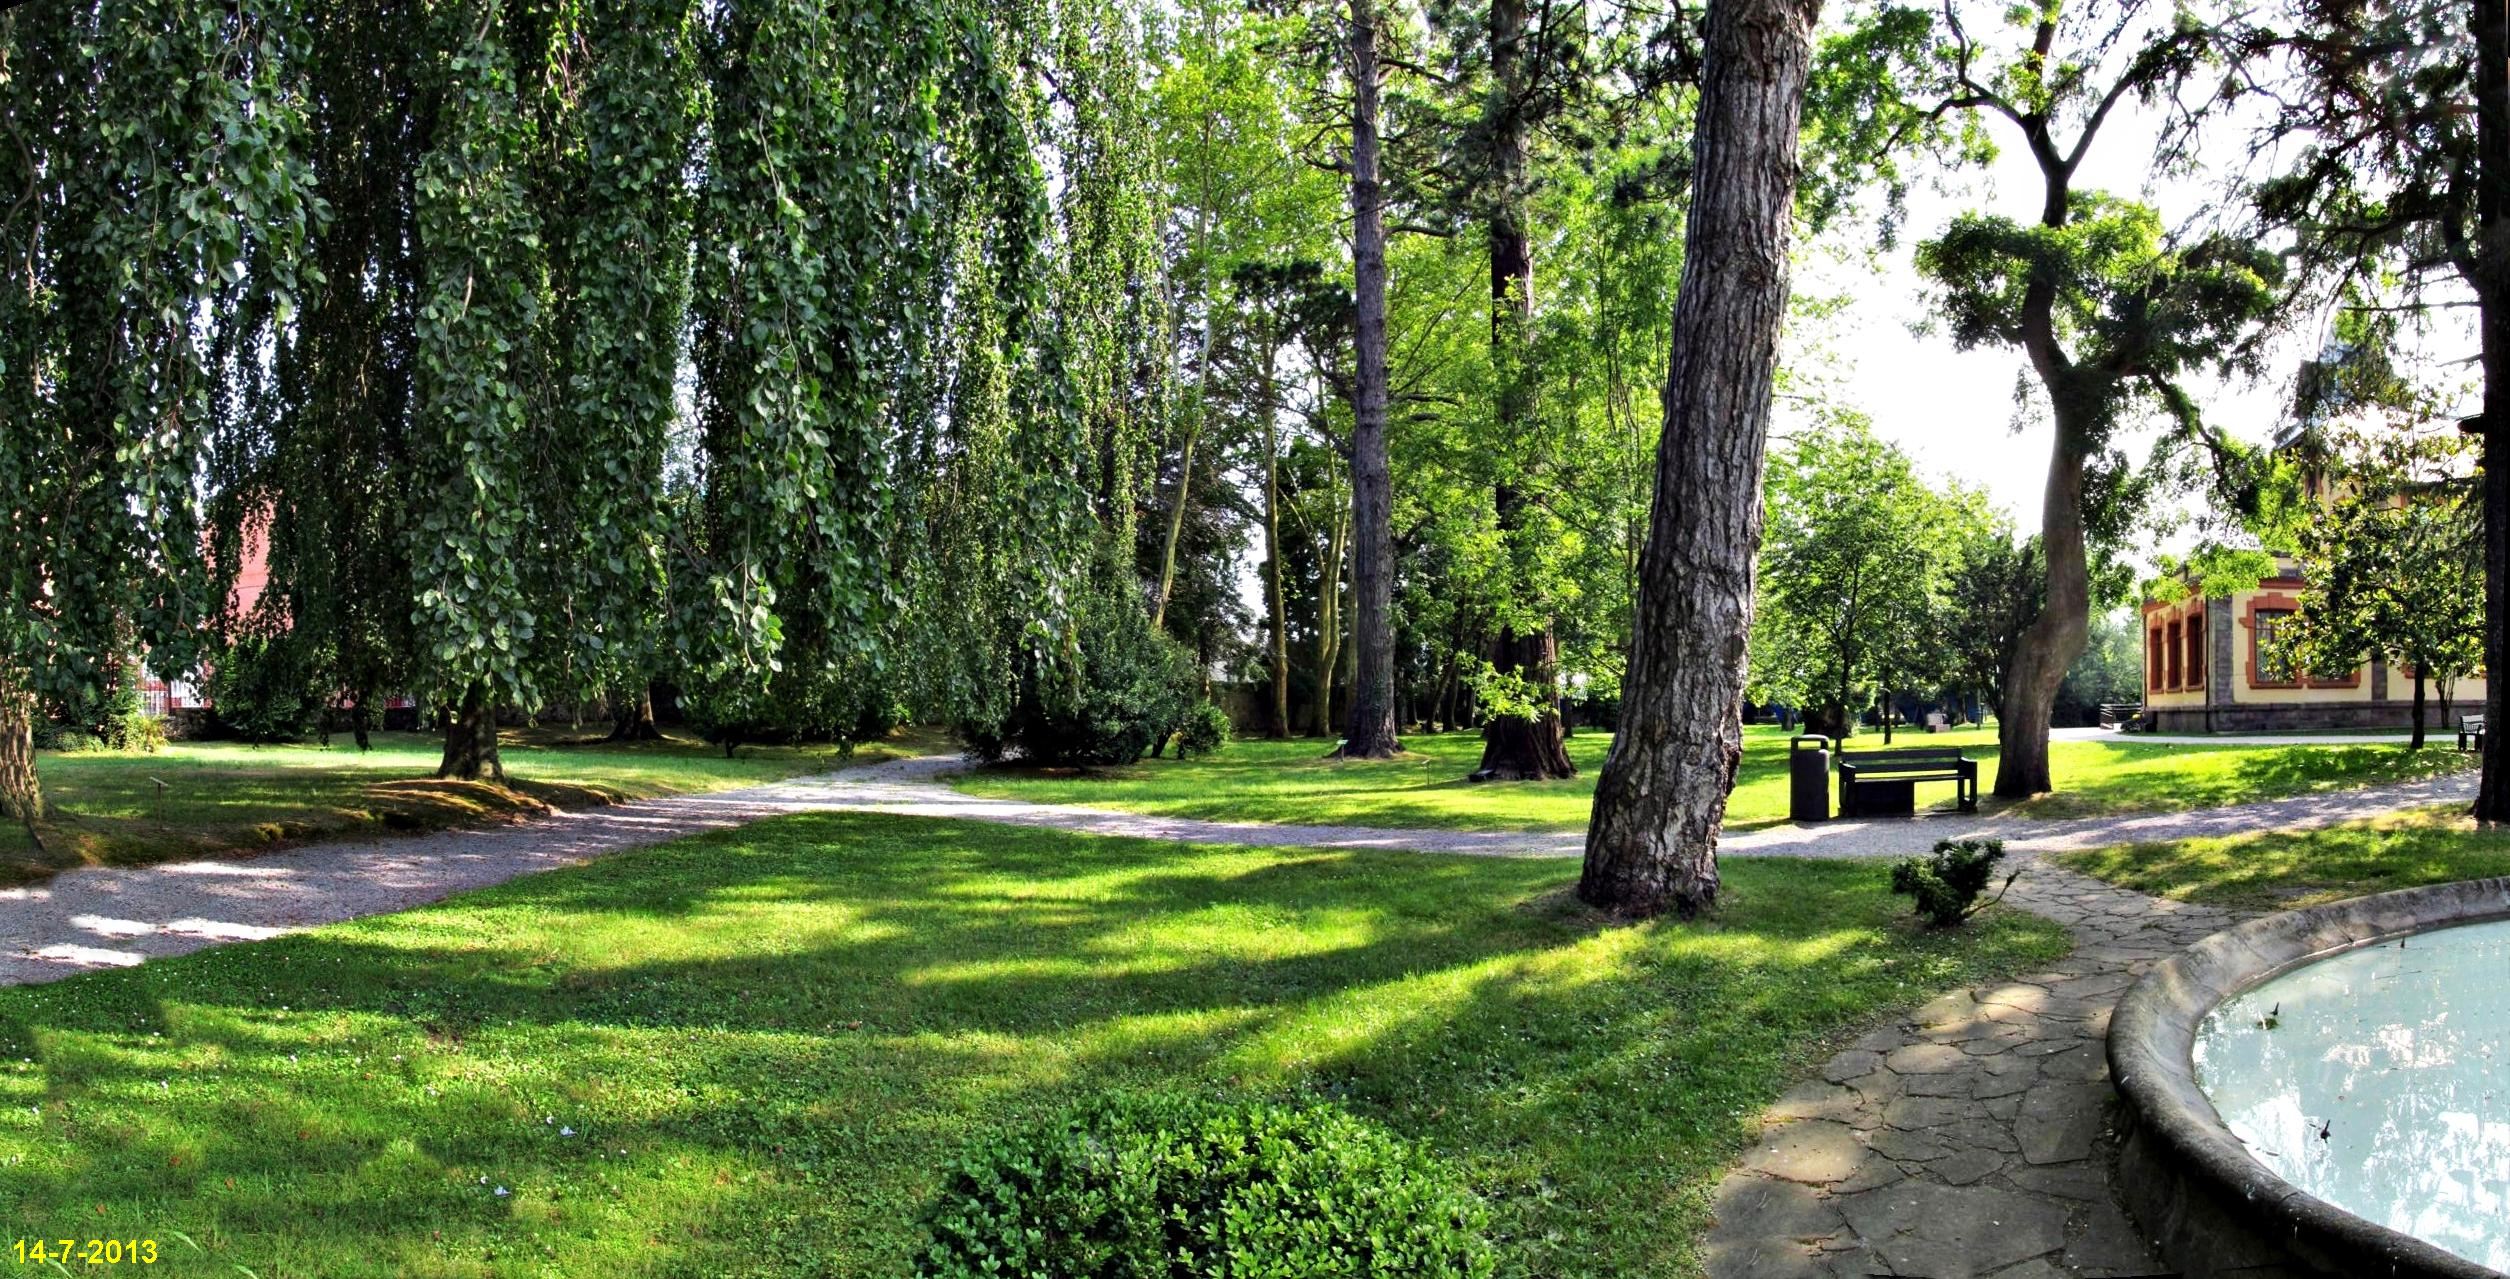 Cabez n de la sal fotos de parques y jardines for Parques y jardines fotos